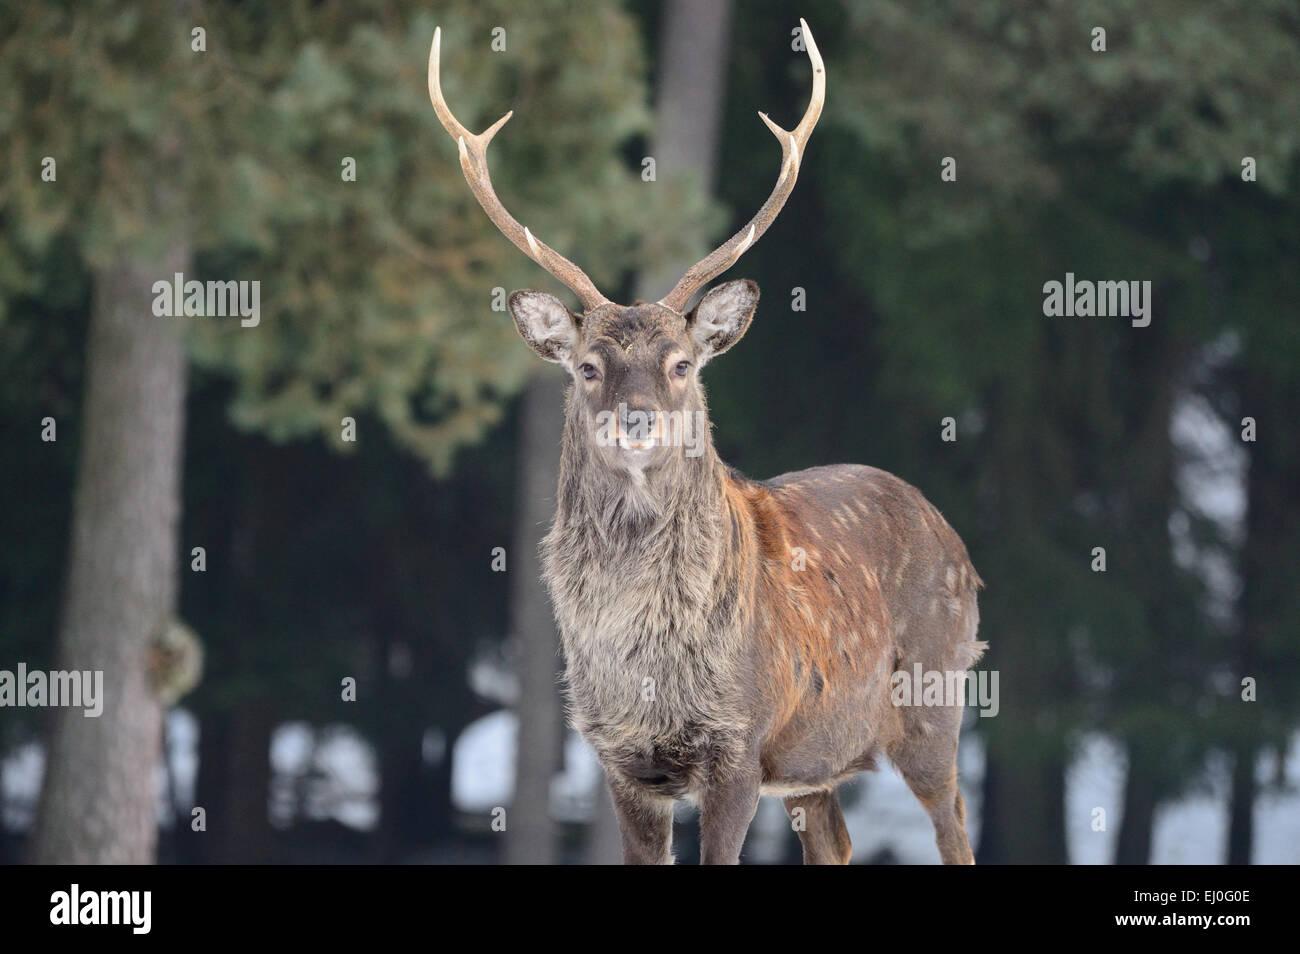 Sika, Tier, Tier, Winter, japanische Reh, Hirsch, Hirsch, Cervus Nippon, Rehe, Hirsche, Tiere, Wildtiere, asiatische Stockbild